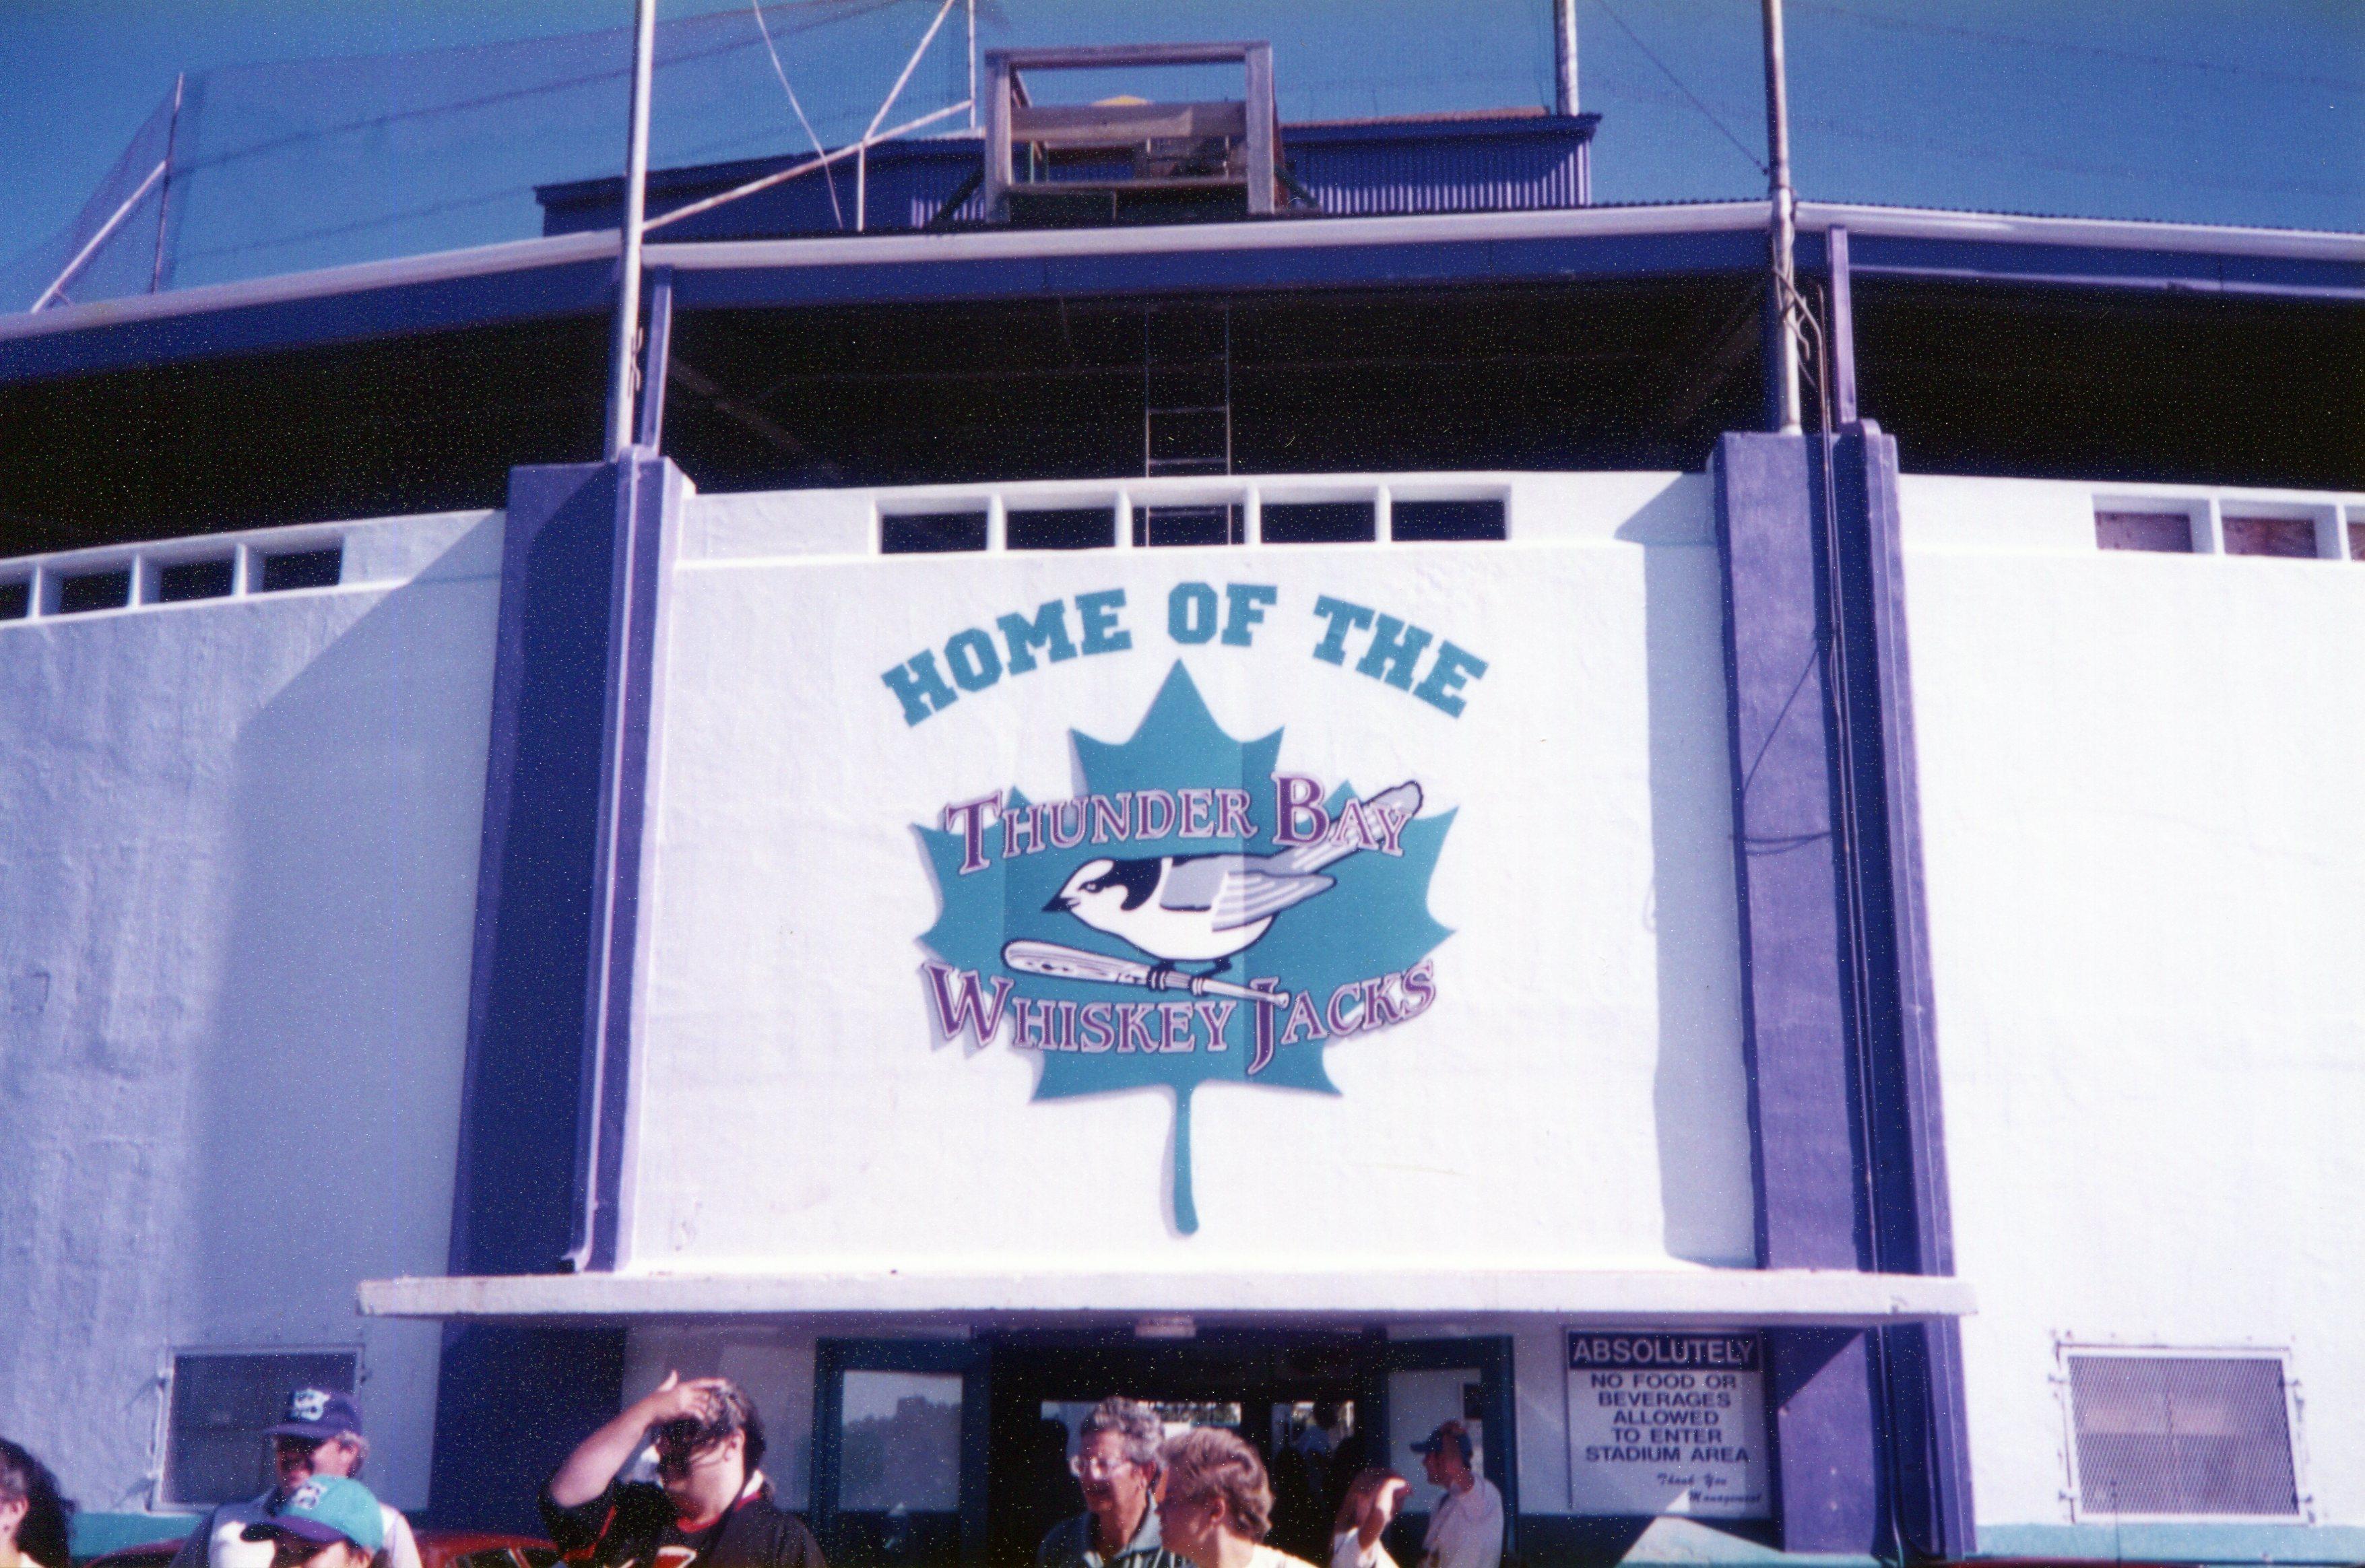 前回2017年のU18ワールドカップが行われたオンタリオ州サンダーベイには1993~1998年までウィスキージャックスというプロ球団が本拠を置いていた。